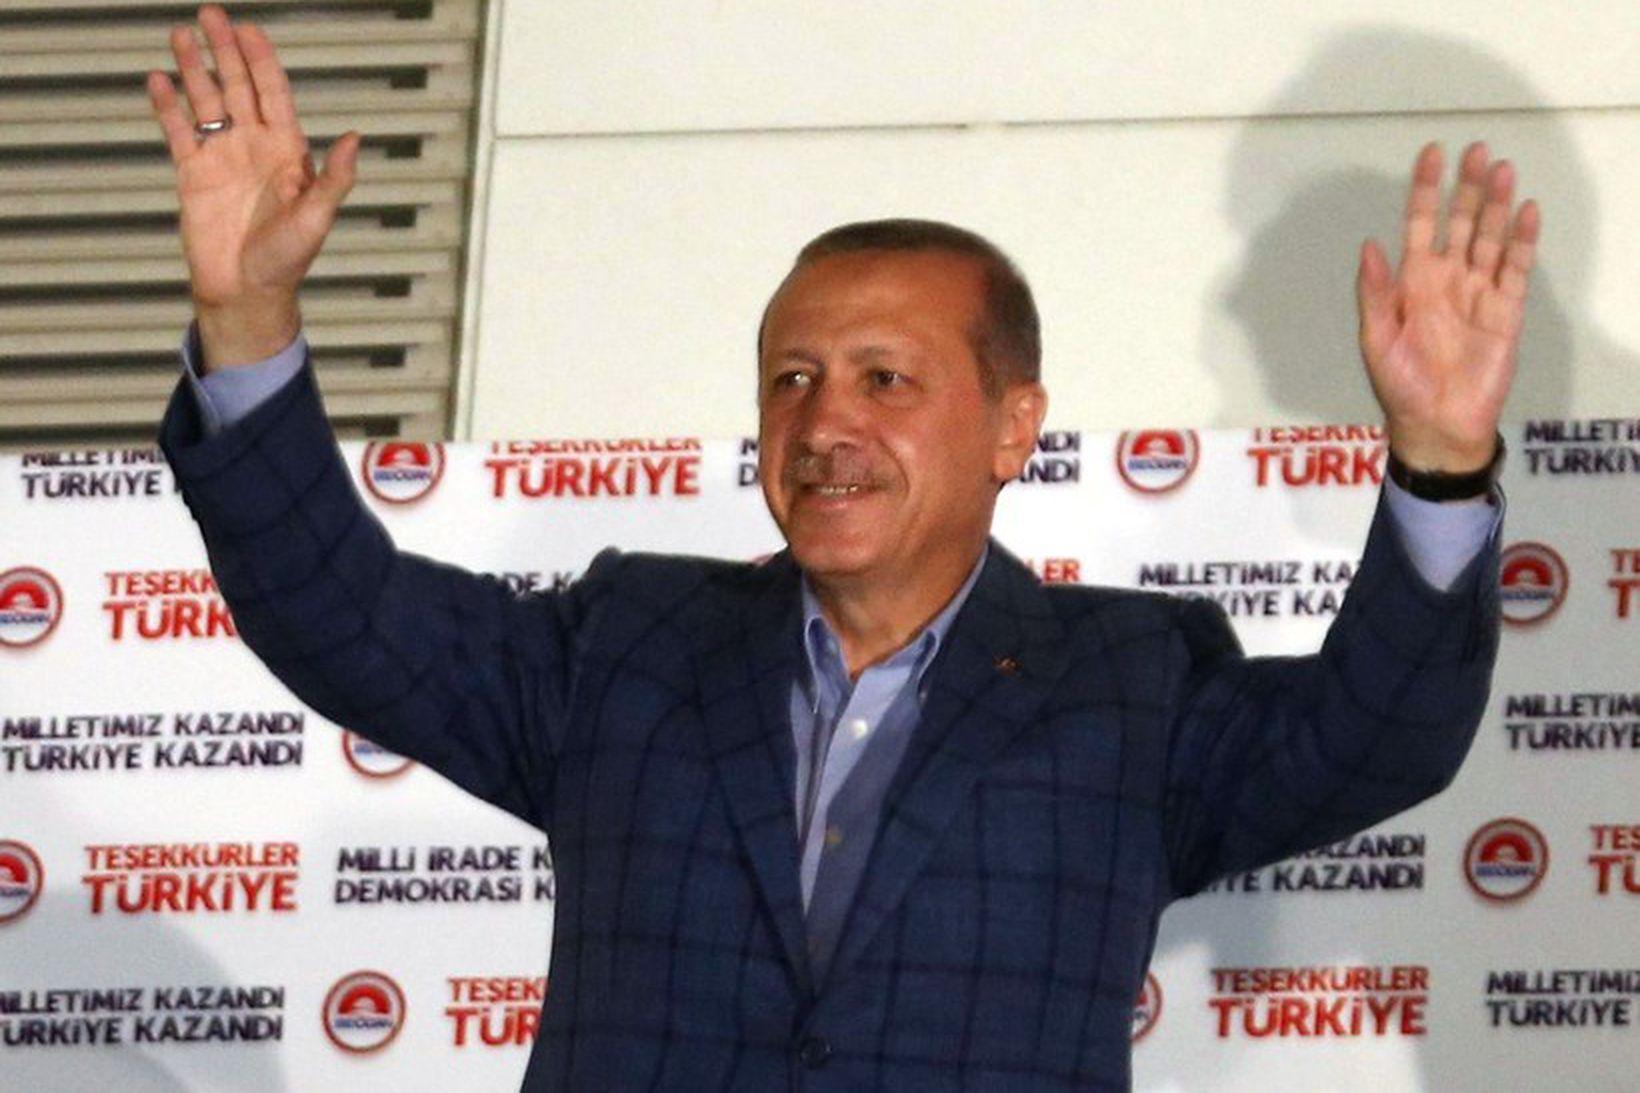 Nýkjörinn forseti Tyrklands, Recep Tayyip Erdoğan, fagnar hér öruggum sigri …